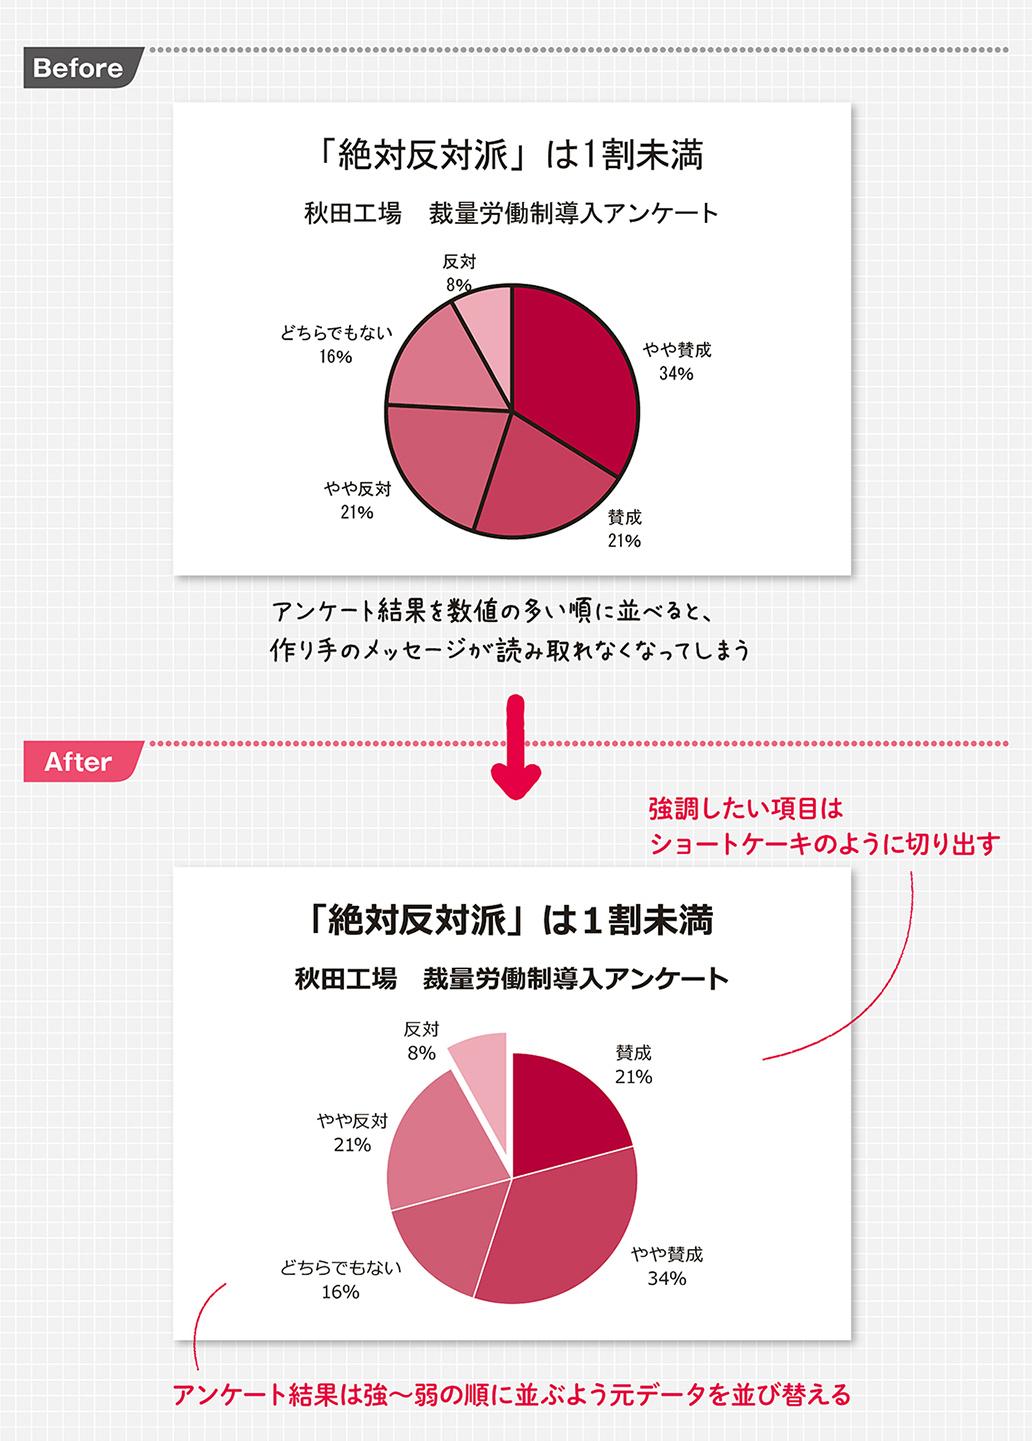 「円グラフ」で見せたい項目をクッキリ目立たせる方法